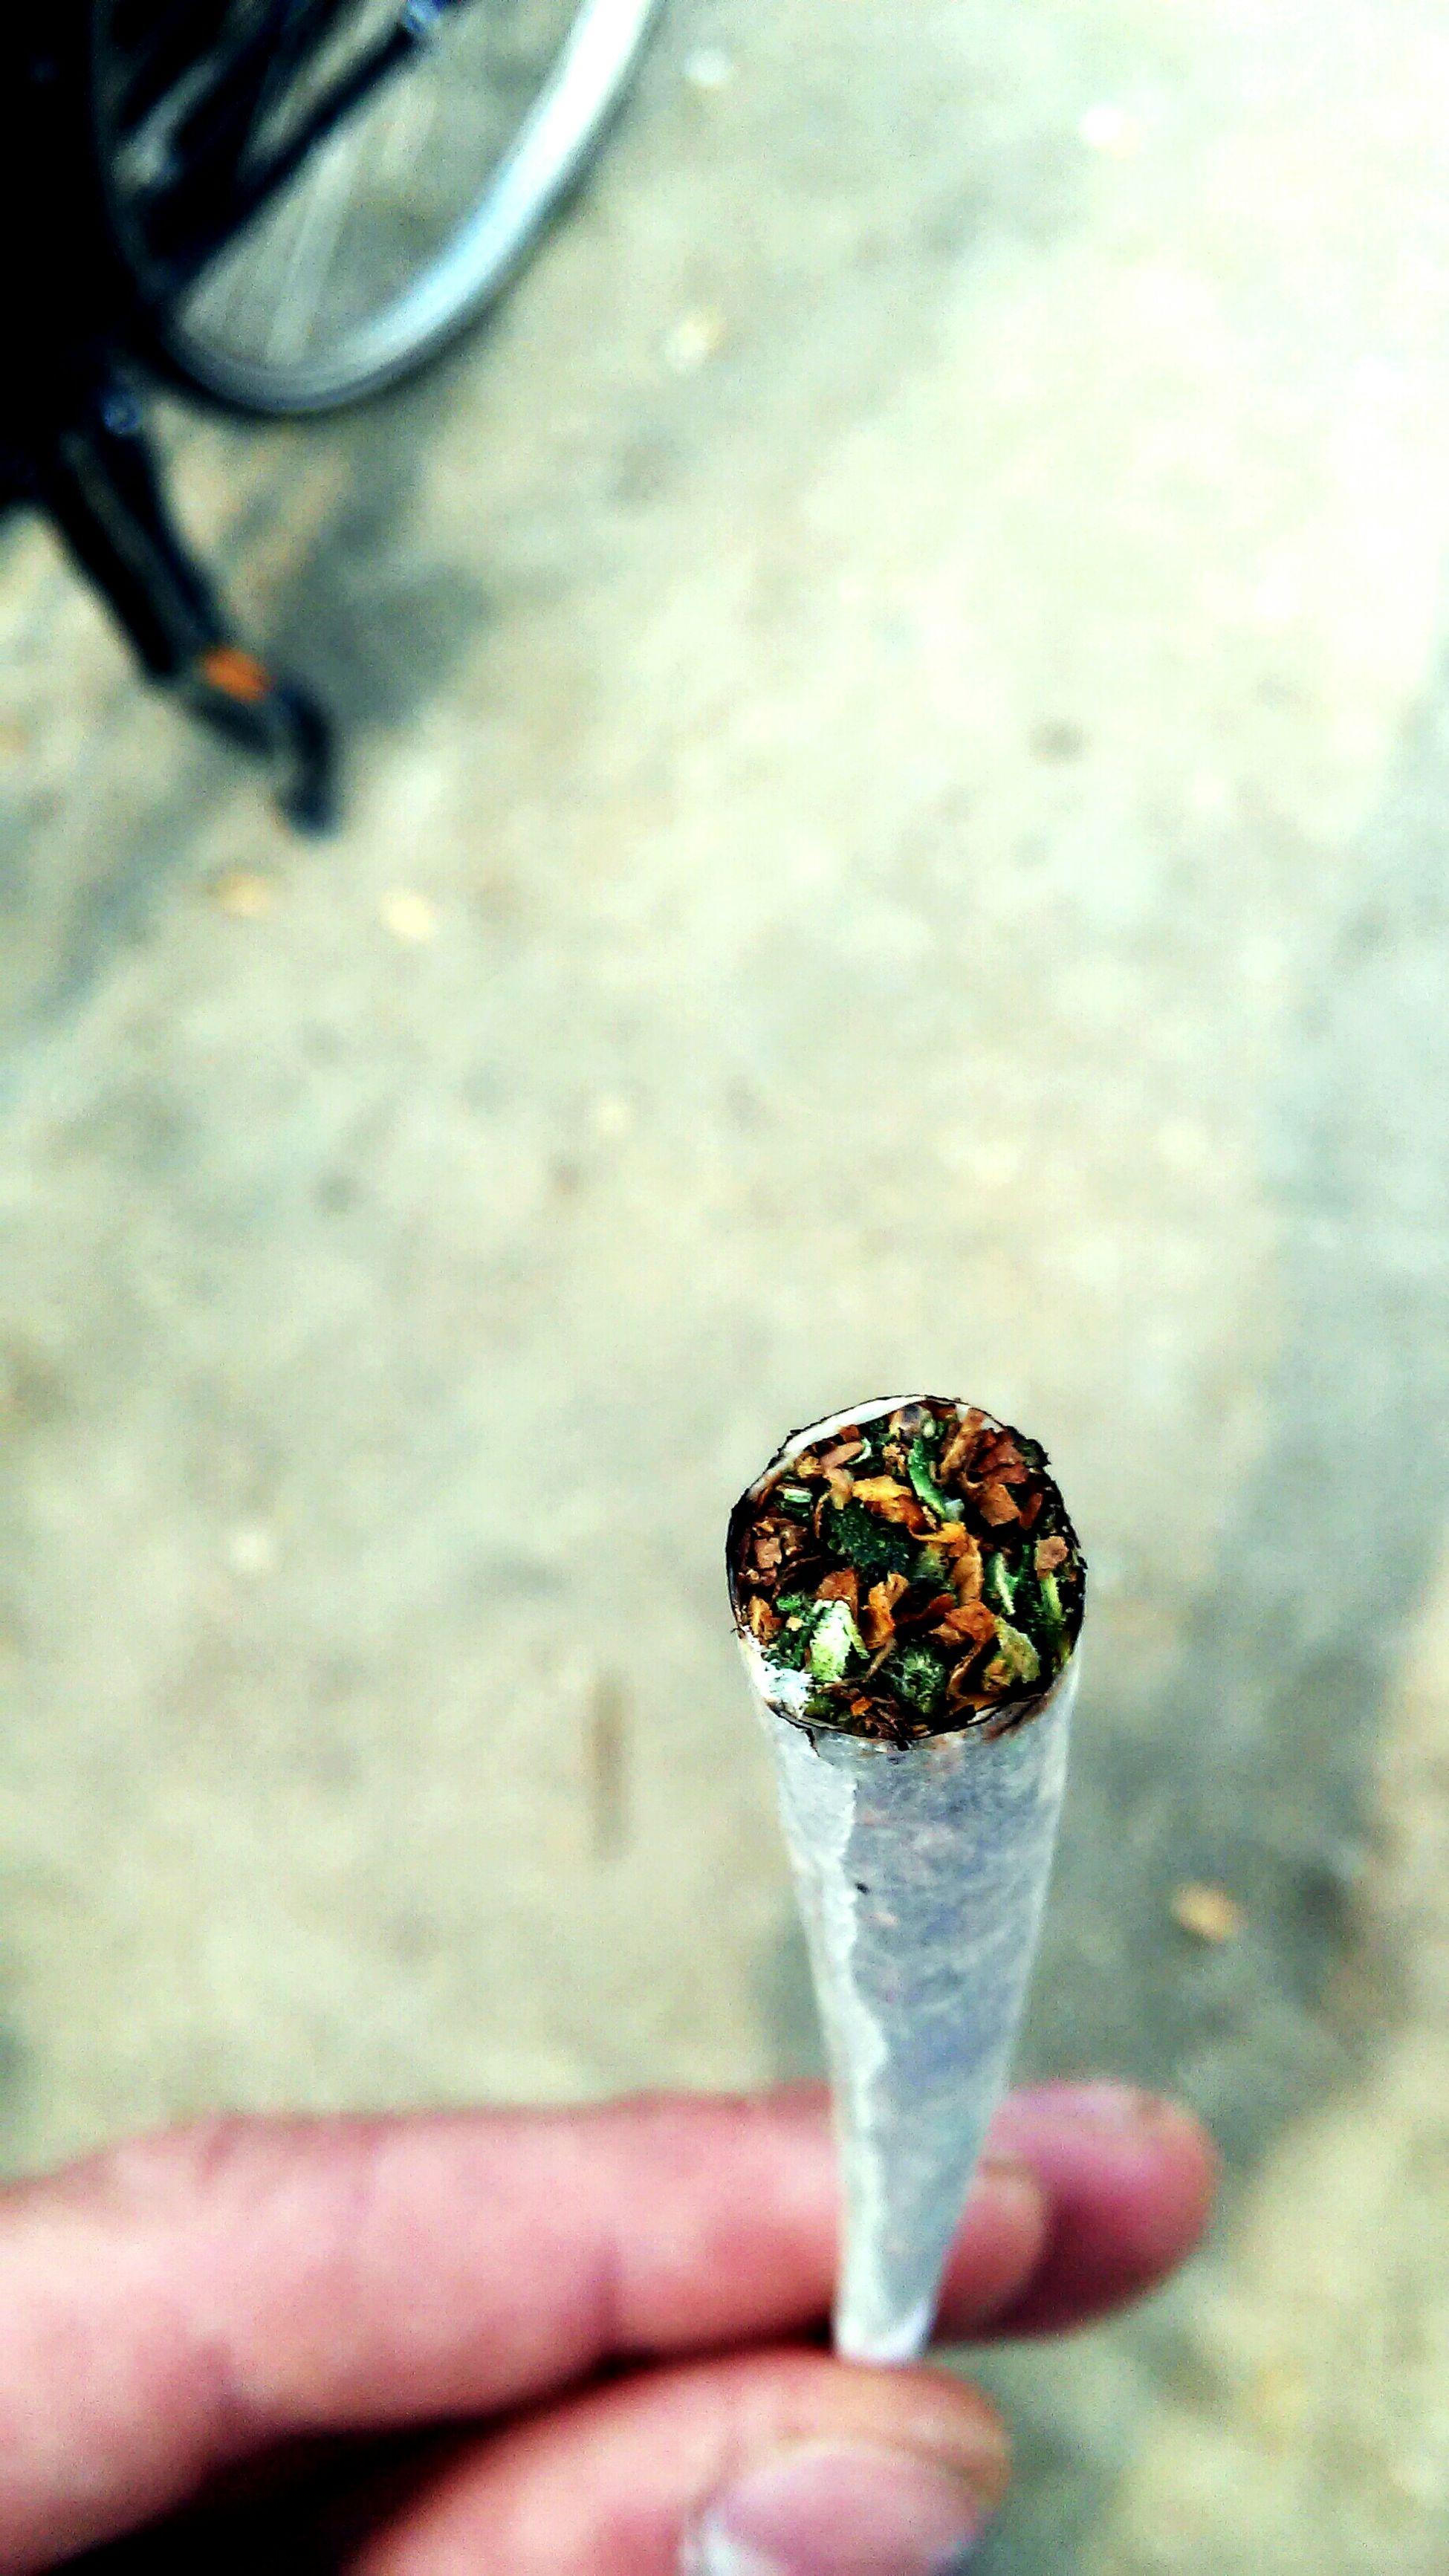 Living The High Life It's Not A Crime A.C.A.B Smoking Dope